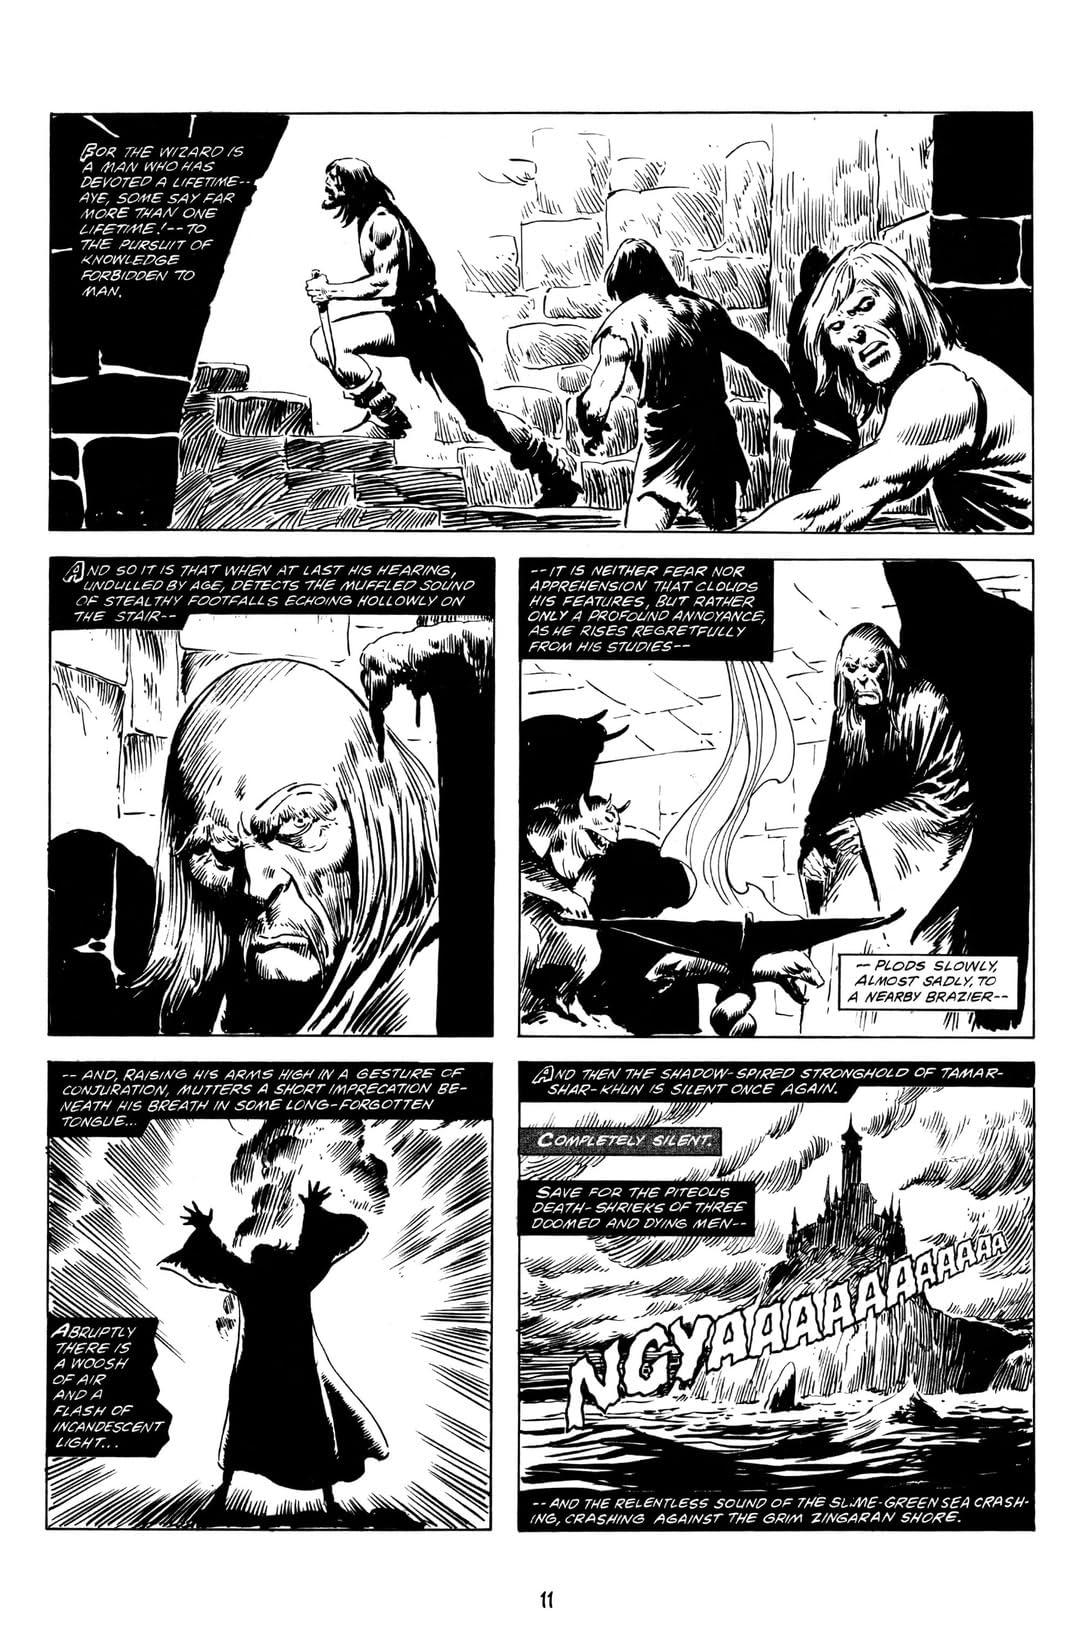 The Savage Sword of Conan Vol. 6